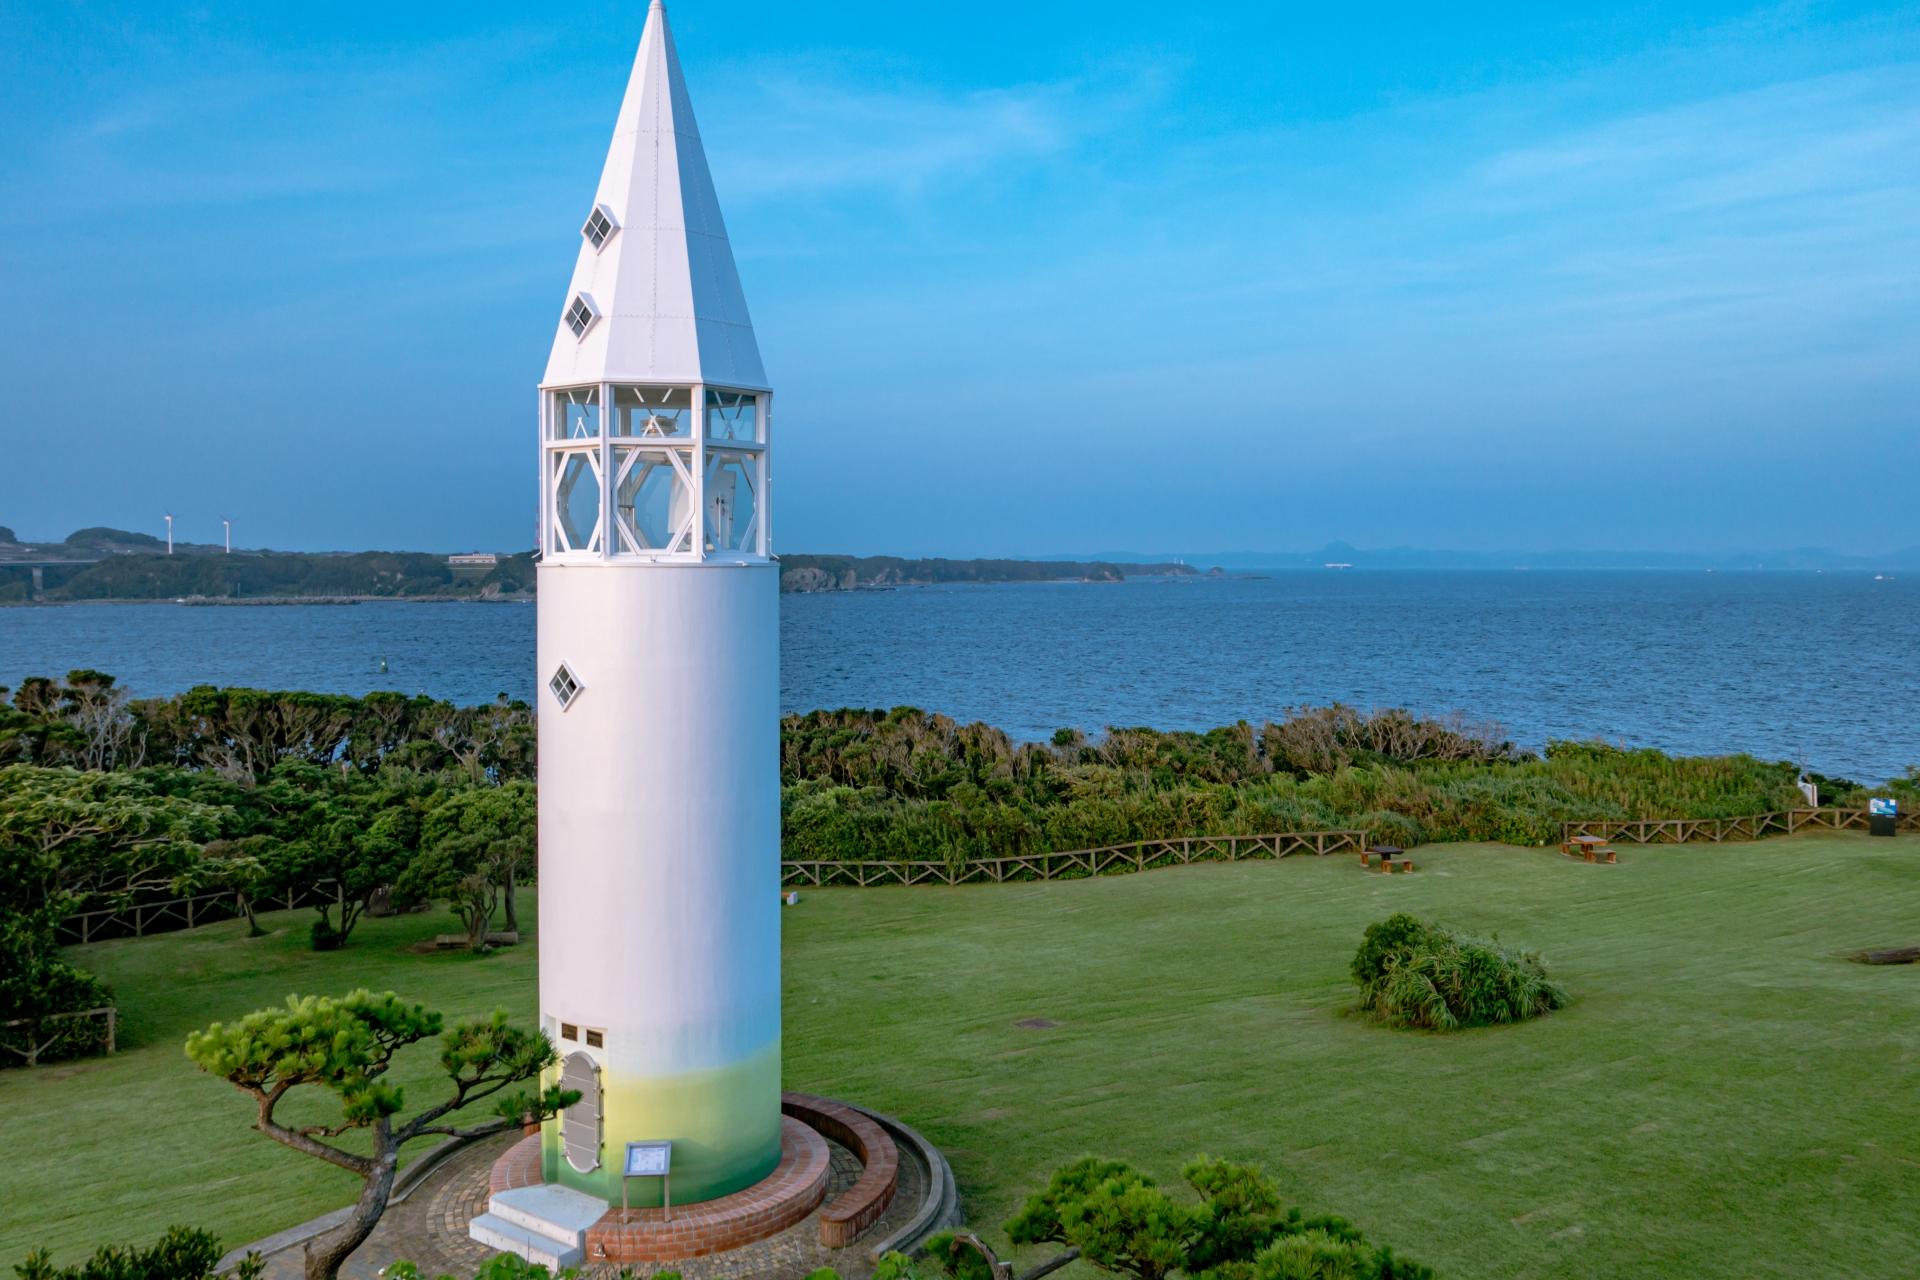 三浦半島のおすすめドライブコースをご紹介!一周プランや観光スポットも!